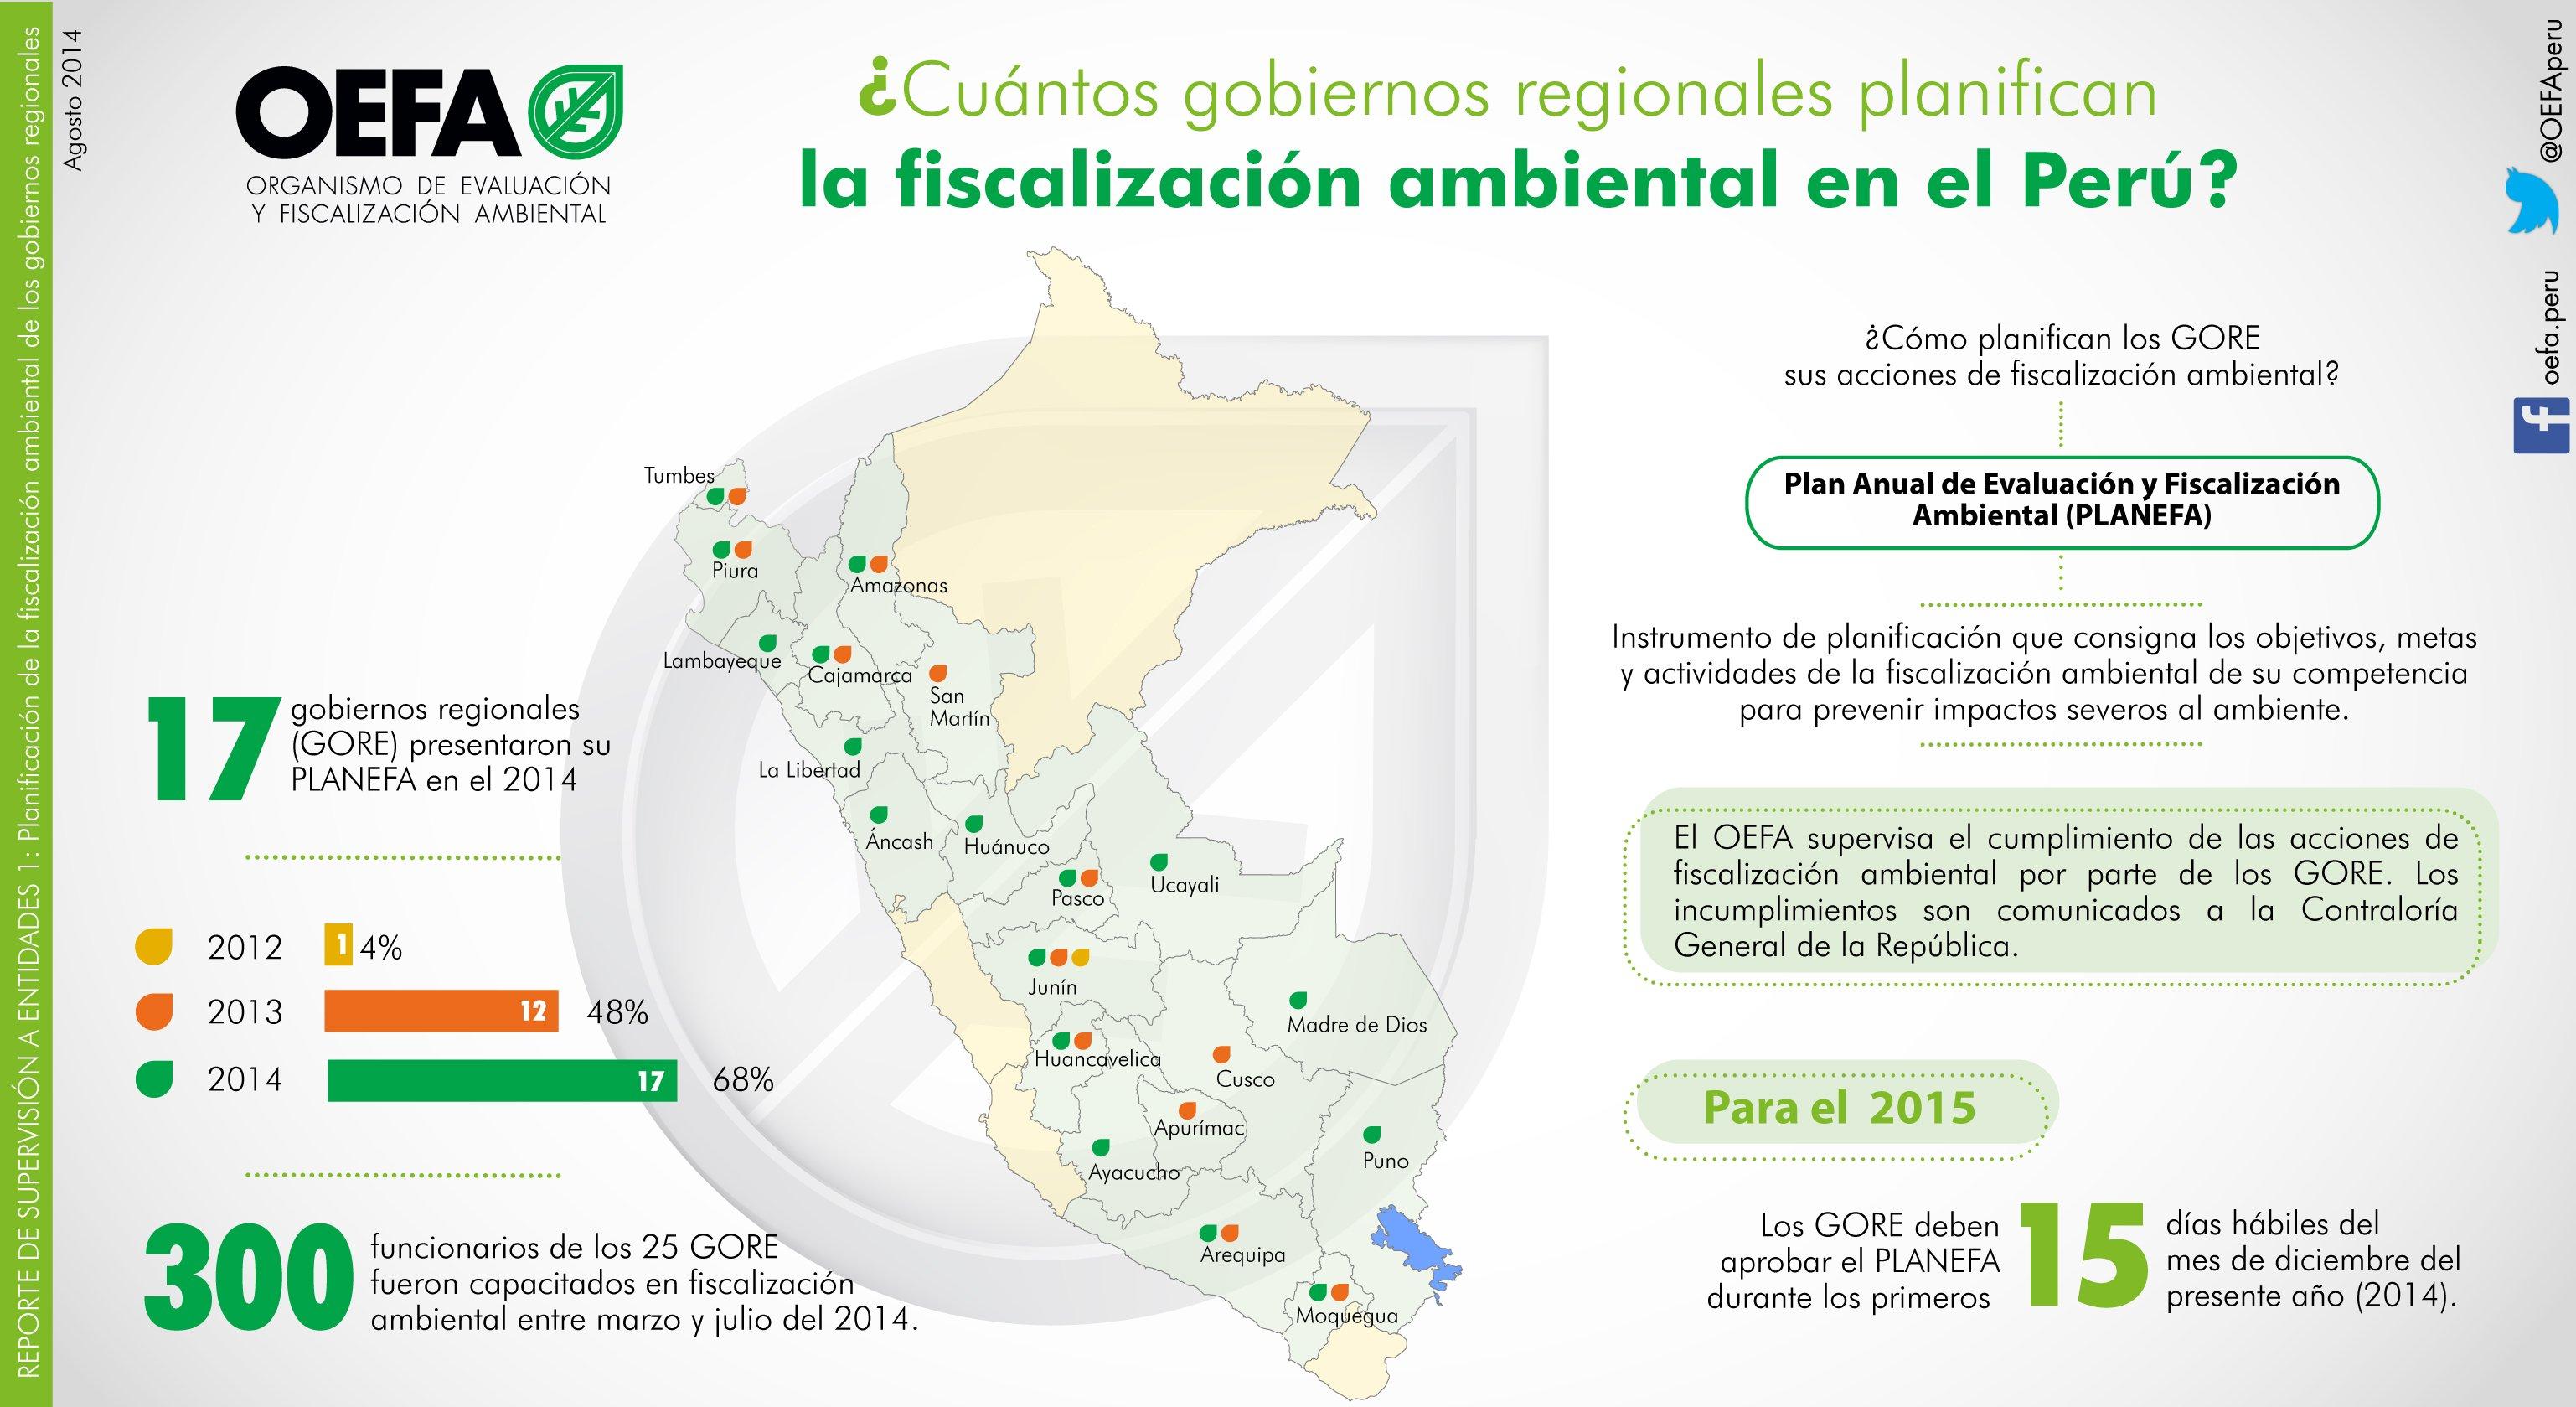 (Infografía) Conoce cuántos gobiernos regionales planifican la fiscalización ambiental en el Perú